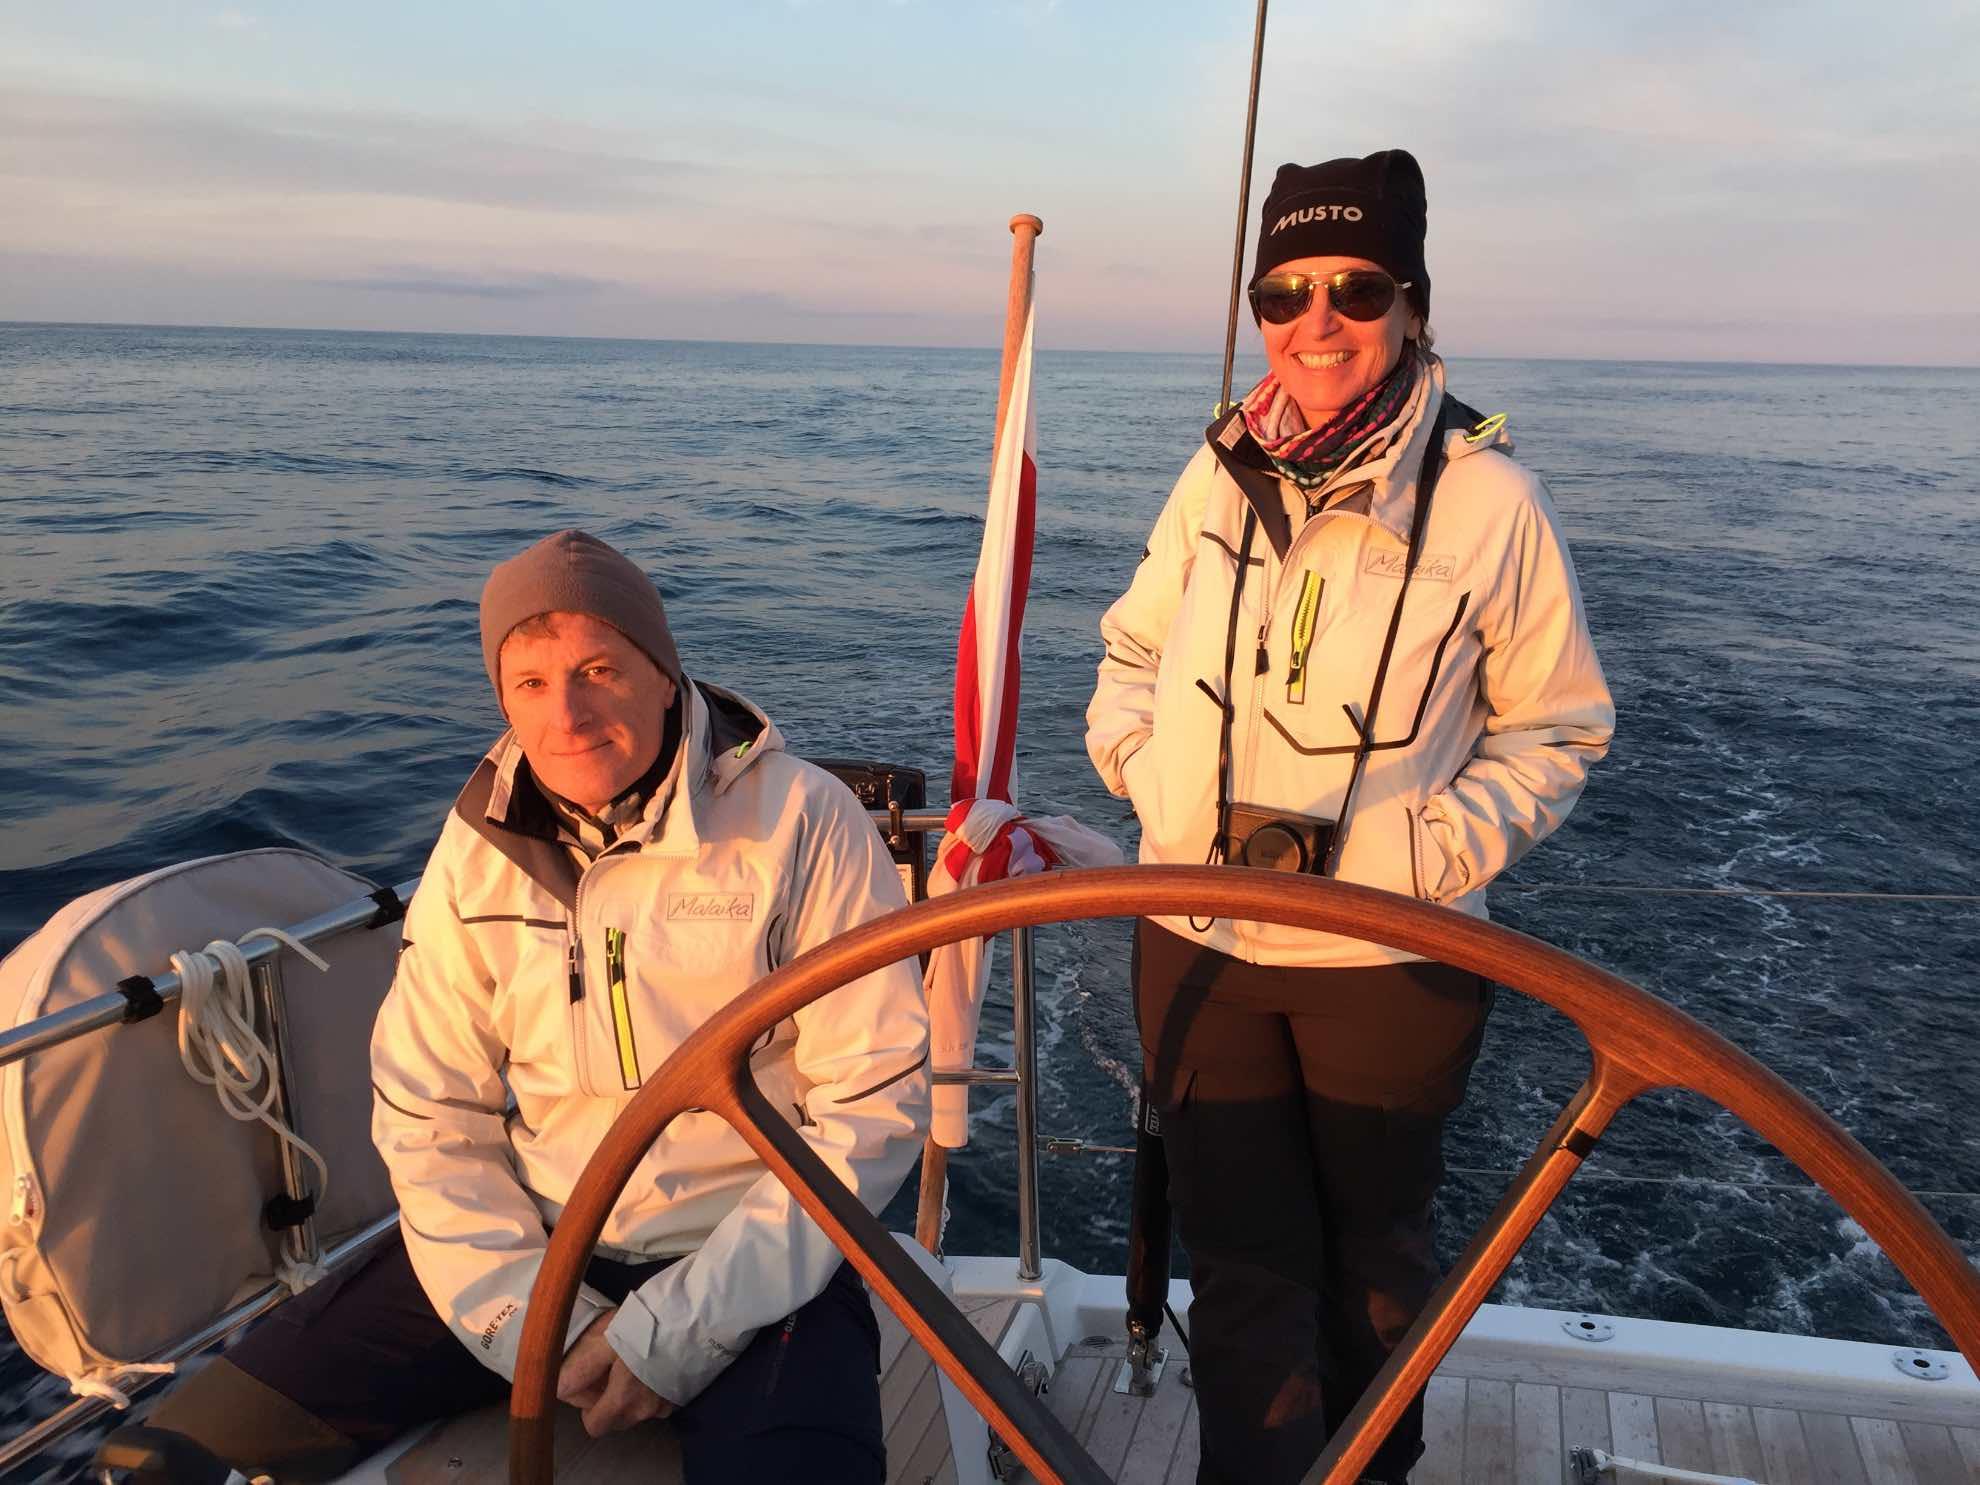 Unser Projektleiter und Freund Arno begleitet uns die ersten beiden Tage bis A Coruña.